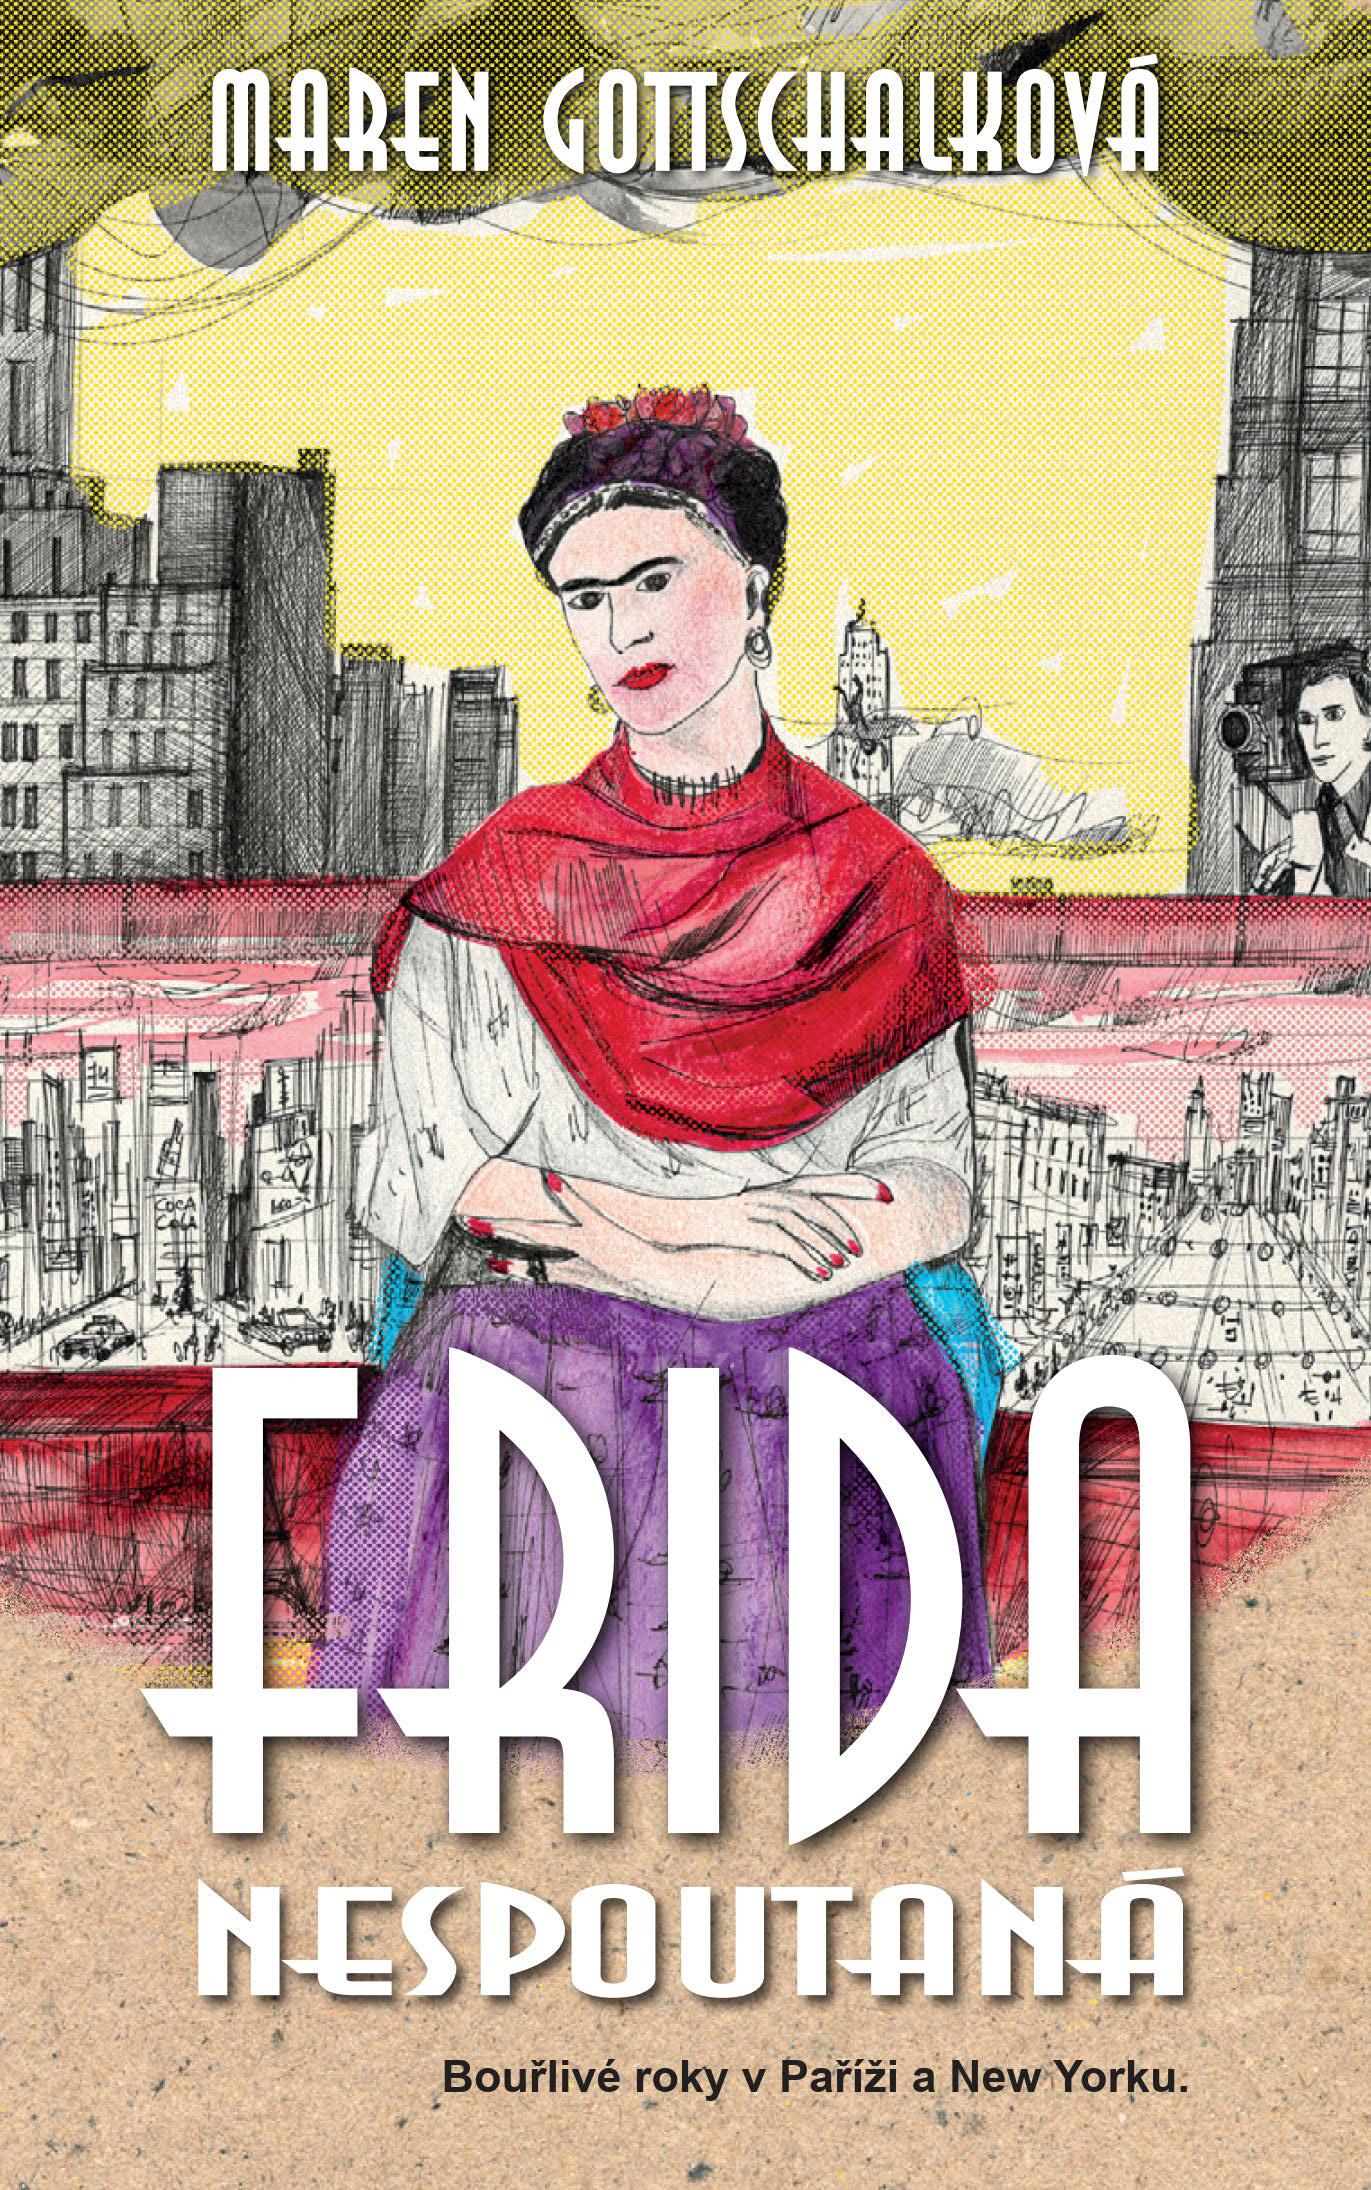 Frida nespoutaná, Bouřlivé roky v Paříži a New Yorku.